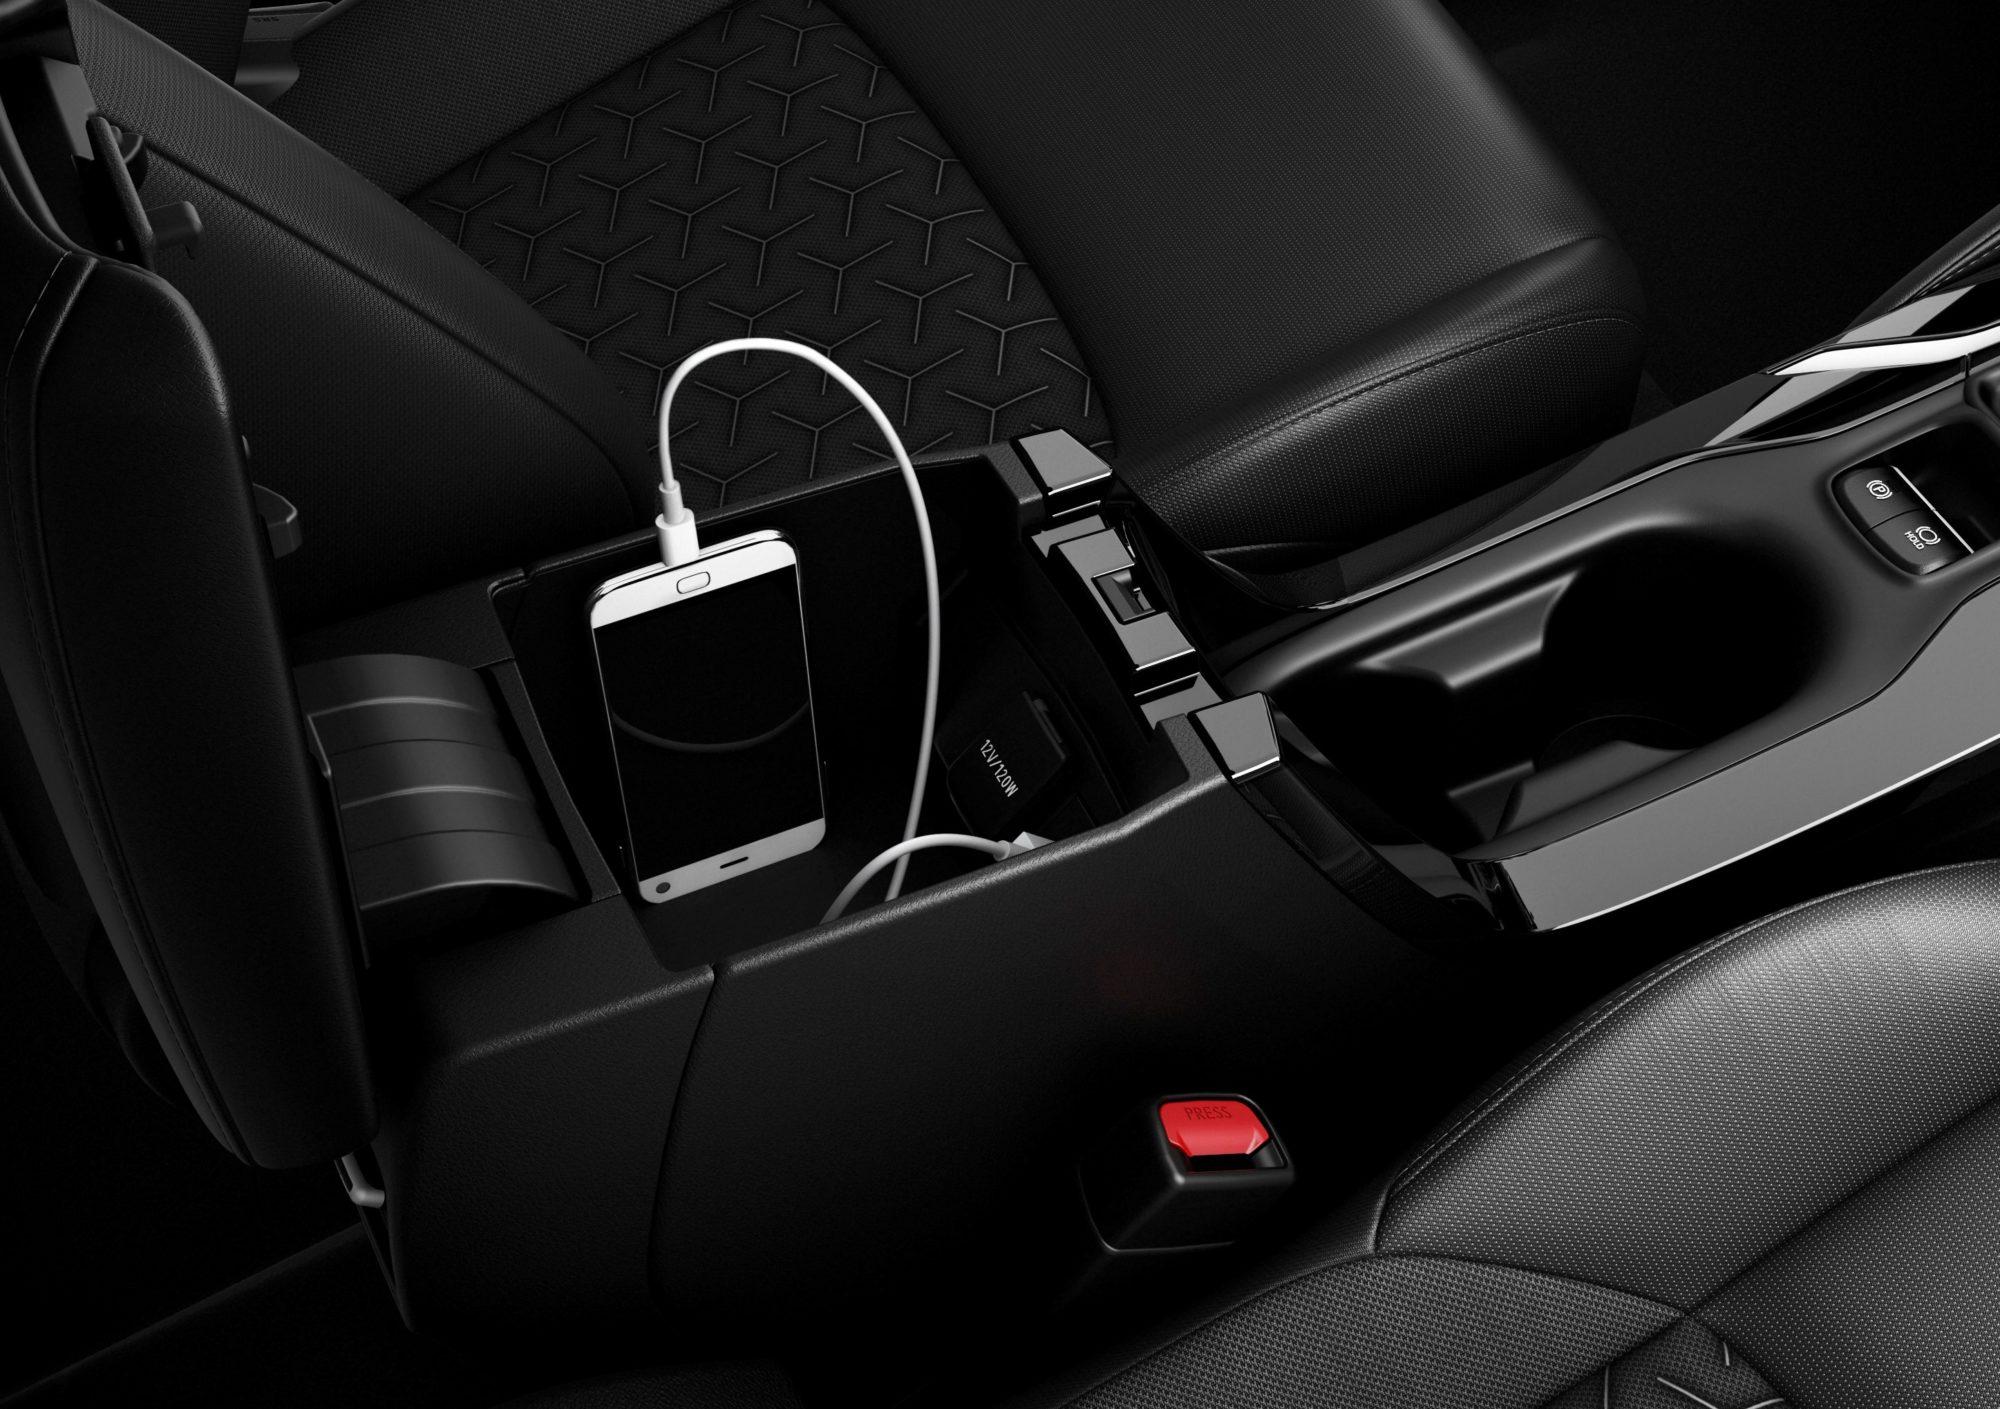 Suzuki Swace 2020 - Centre console box